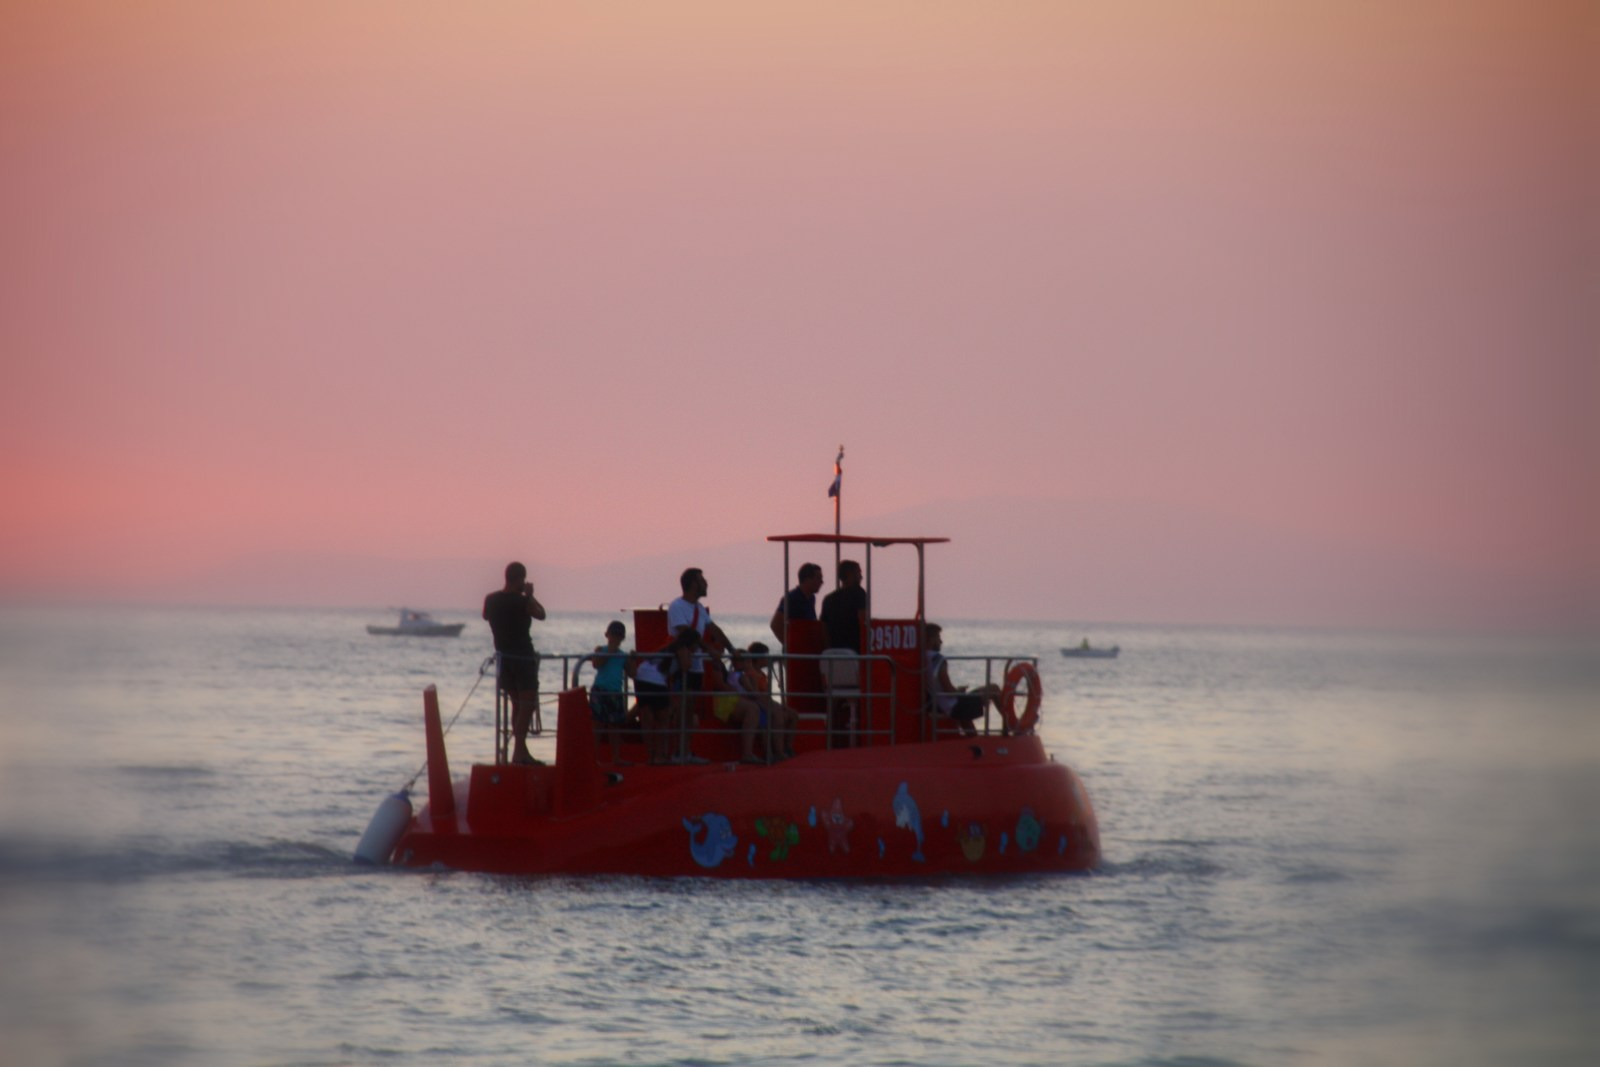 Možna je tudi nočna vožnja, kjer si podvodno življenje ogledate s pomočjo reflektorjev.